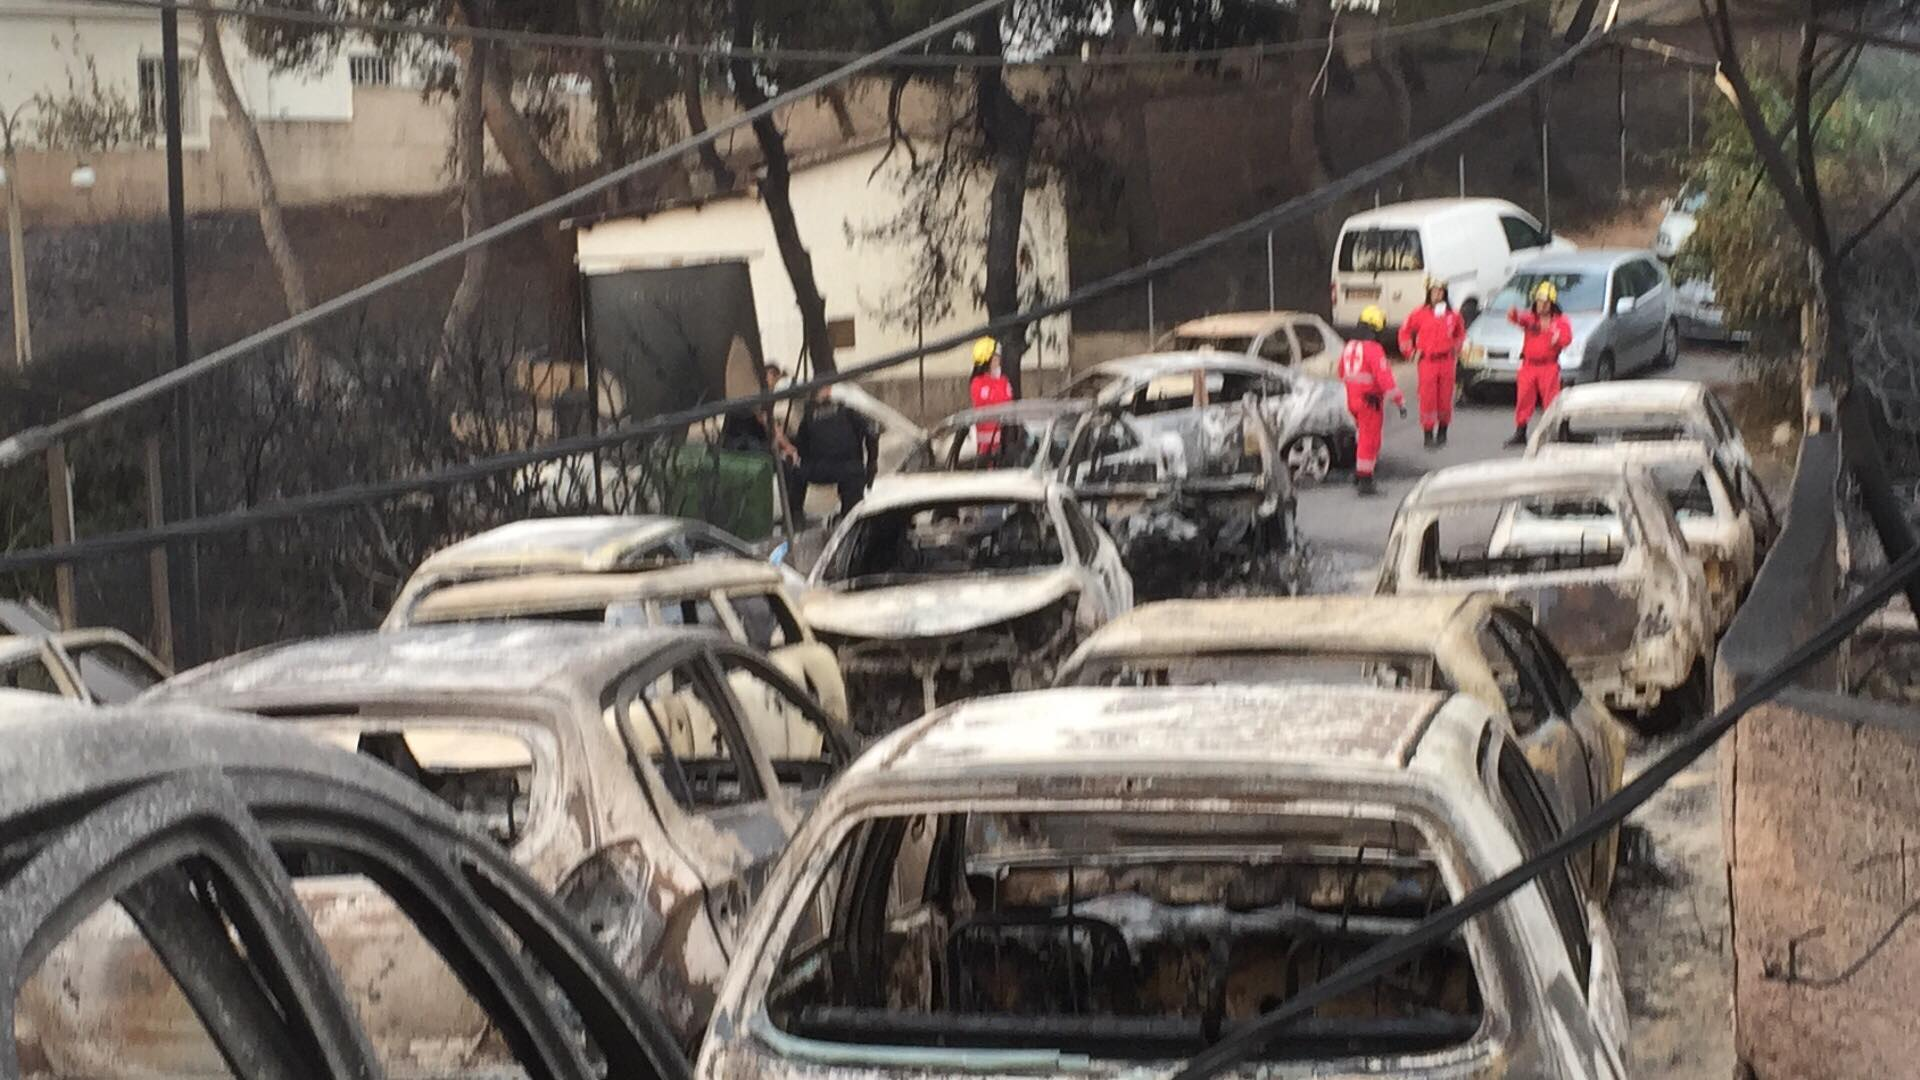 ΙΣΘ: Δωρεάν περίθαλψη τραυματιών από τις πυρκαγιές σε συνεργασία με ιδιωτικές κλινικές